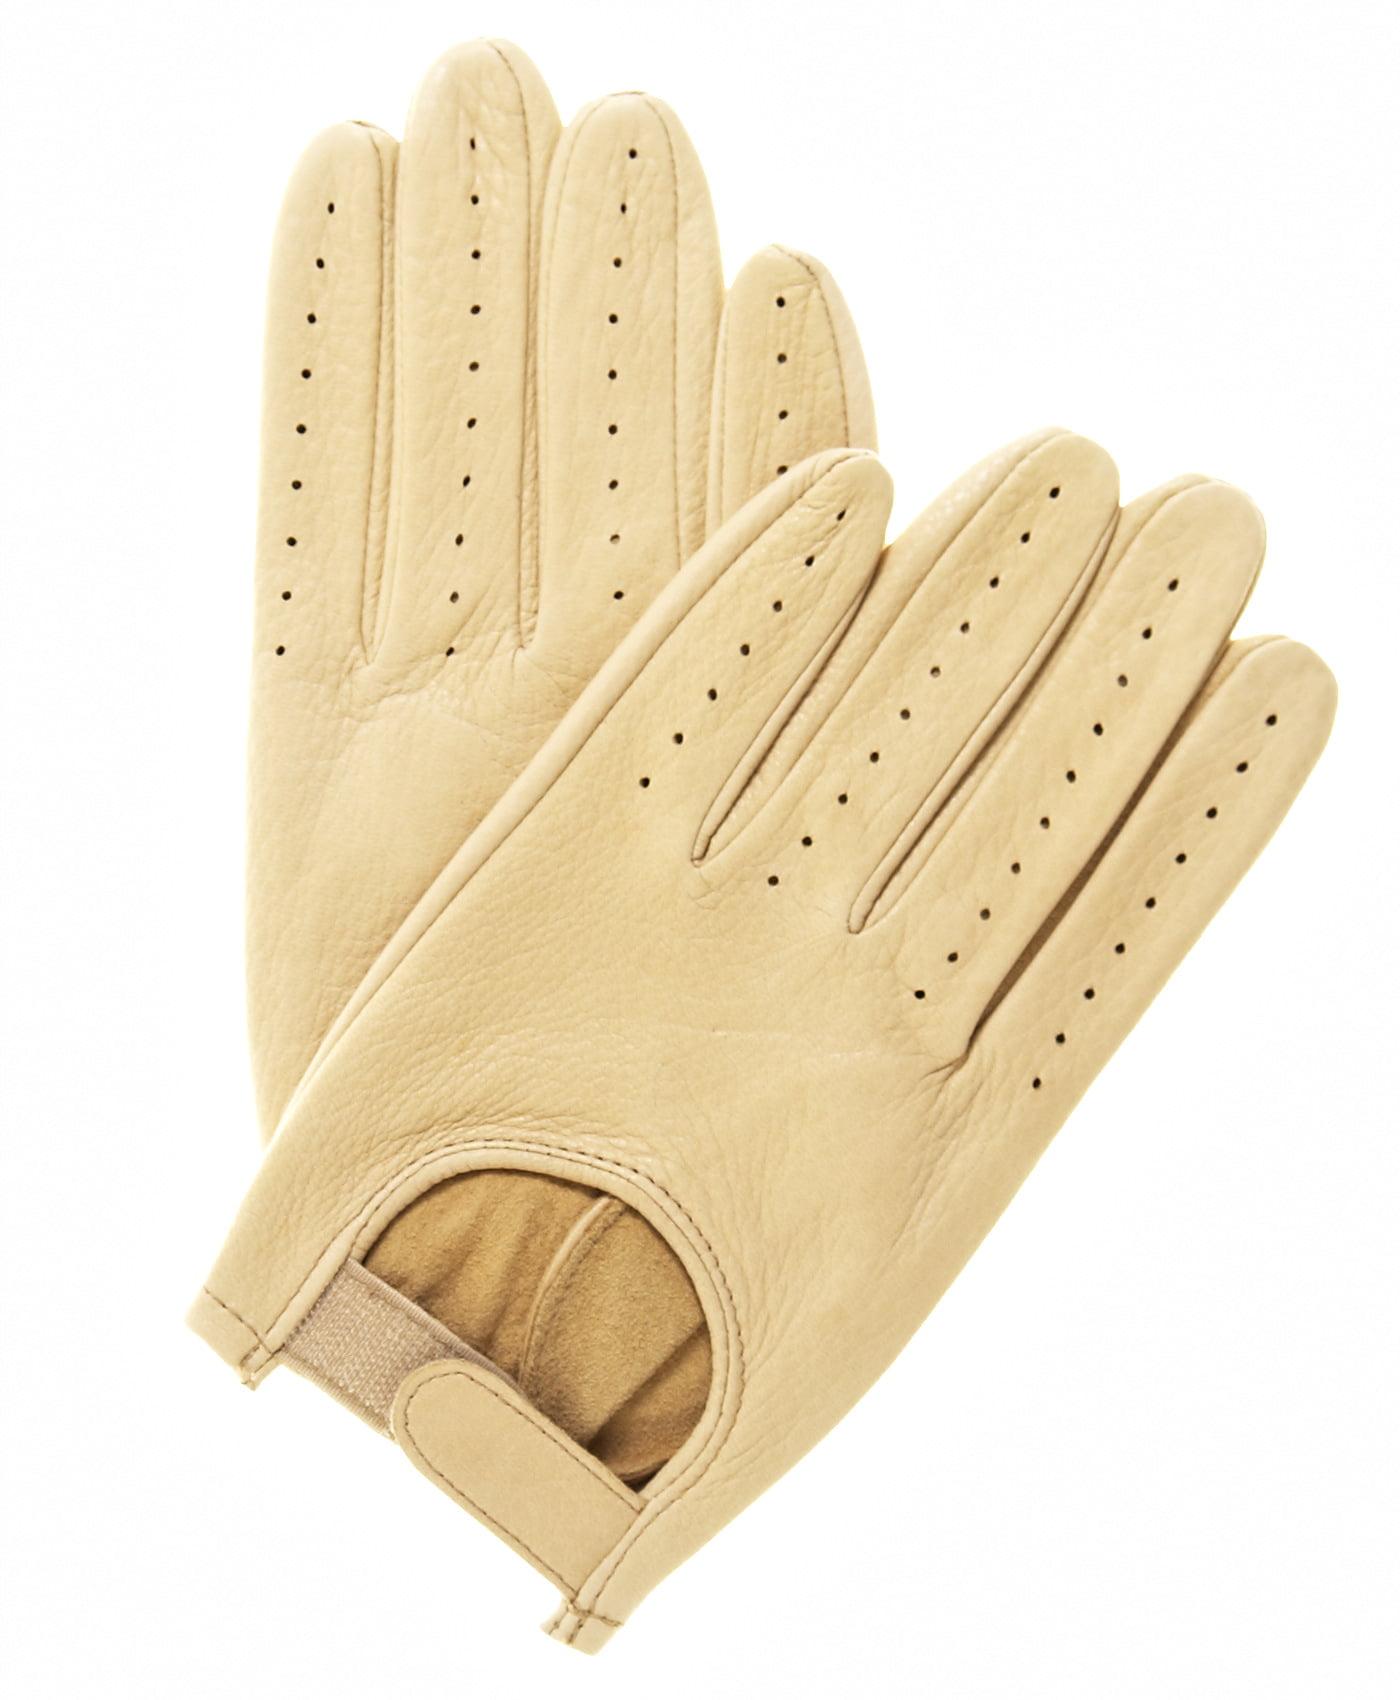 Driving gloves at walmart - Driving Gloves At Walmart 31